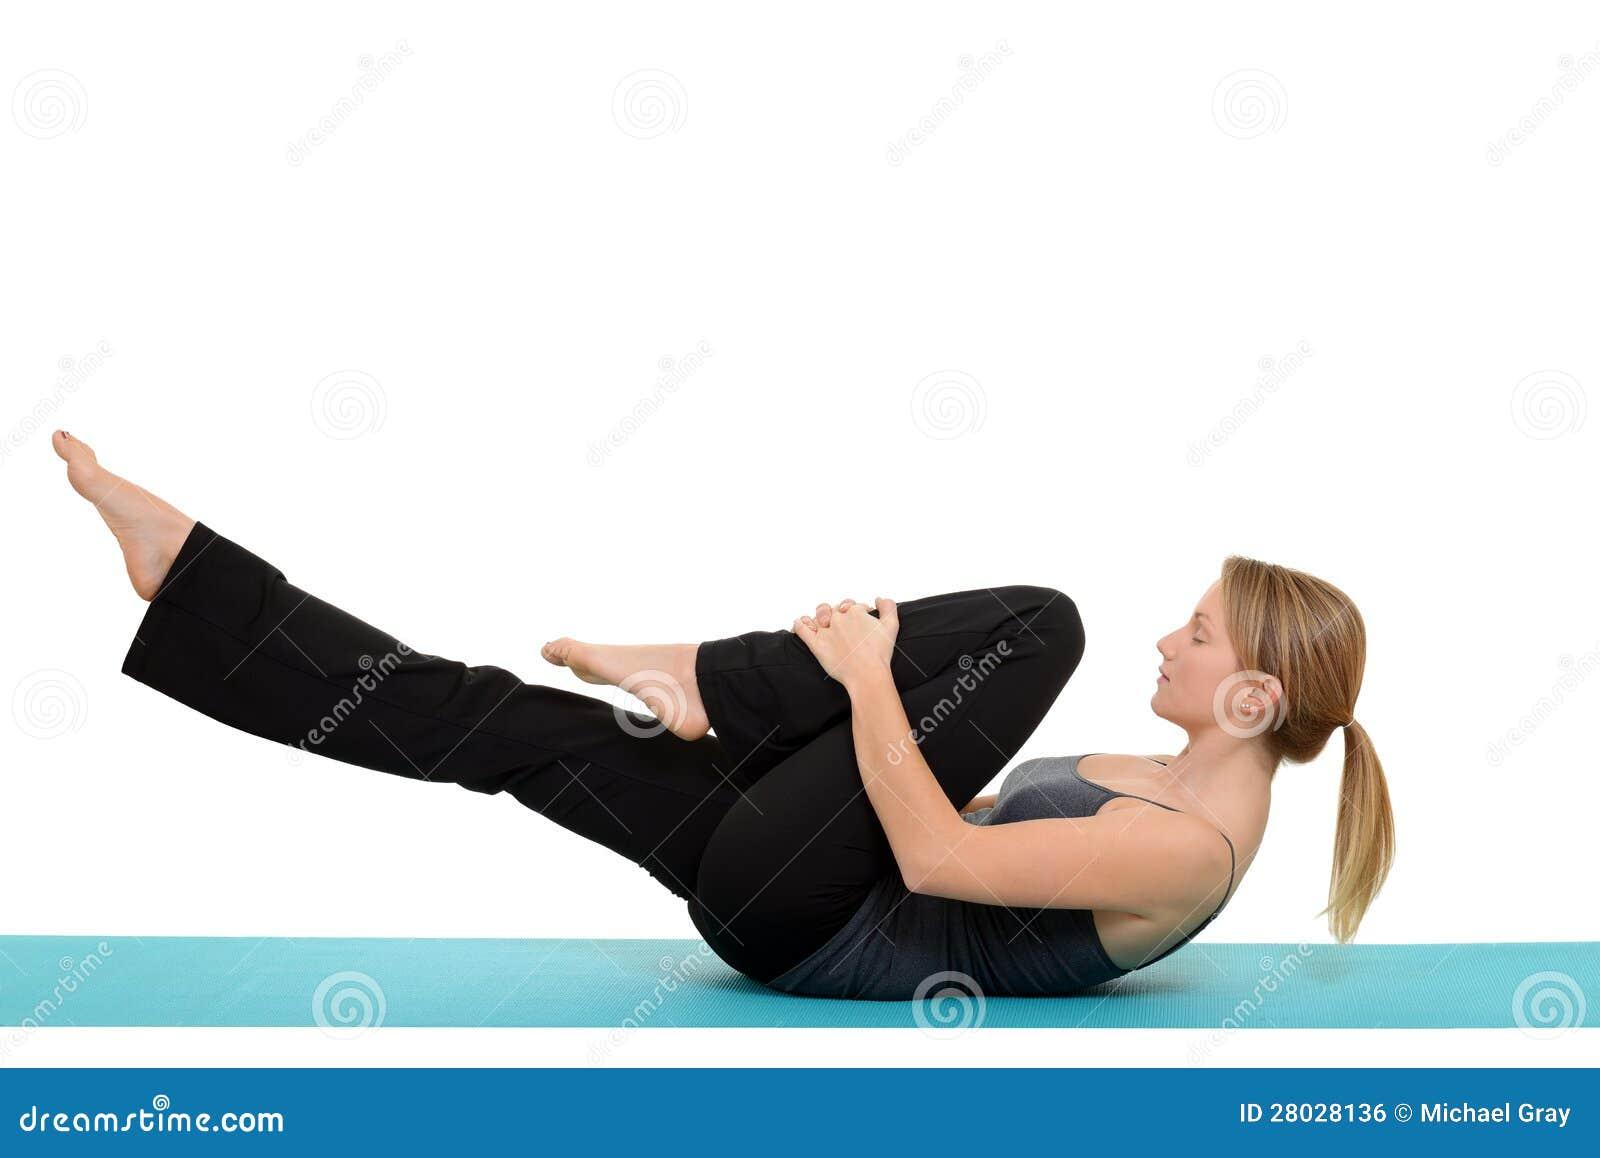 Leg Stretches: Improve Flexibility -